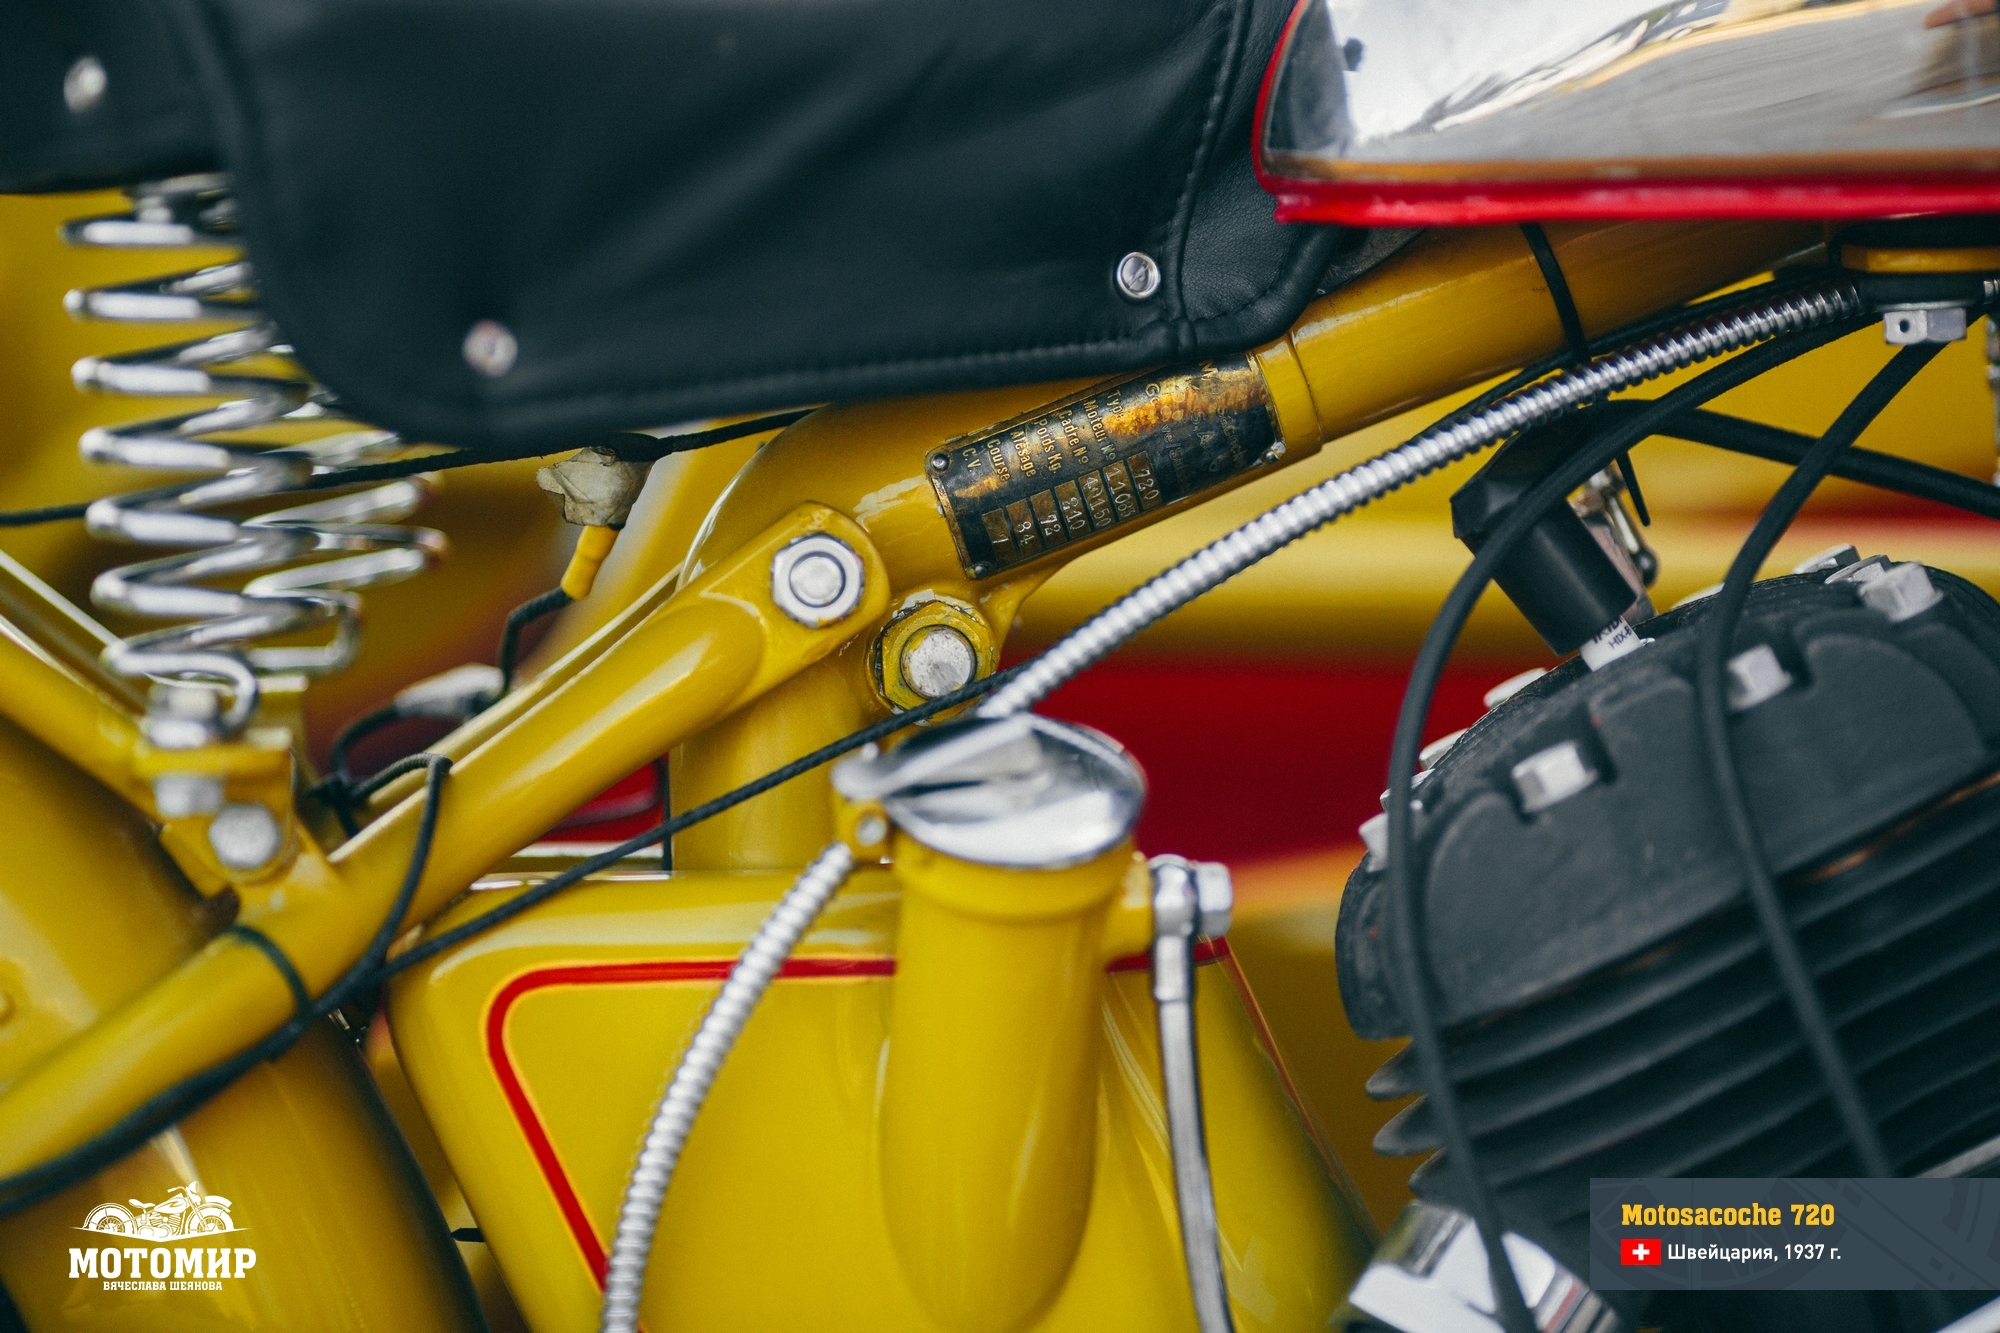 motosacoche-720-201510-web-15